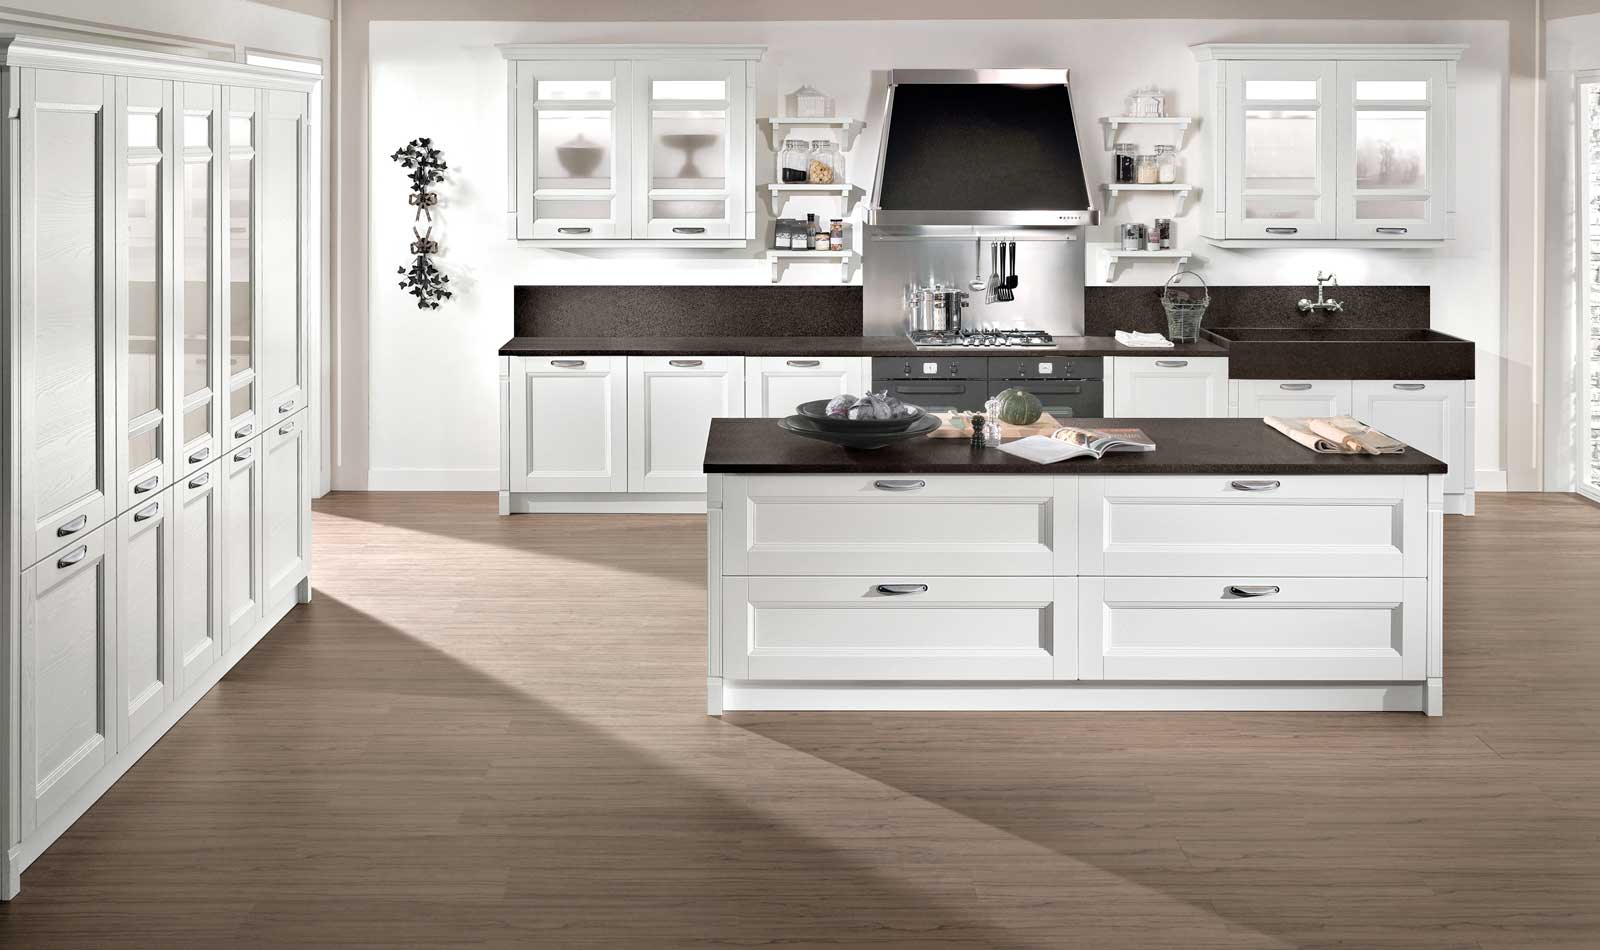 Cucine Classiche – Abitare Srl